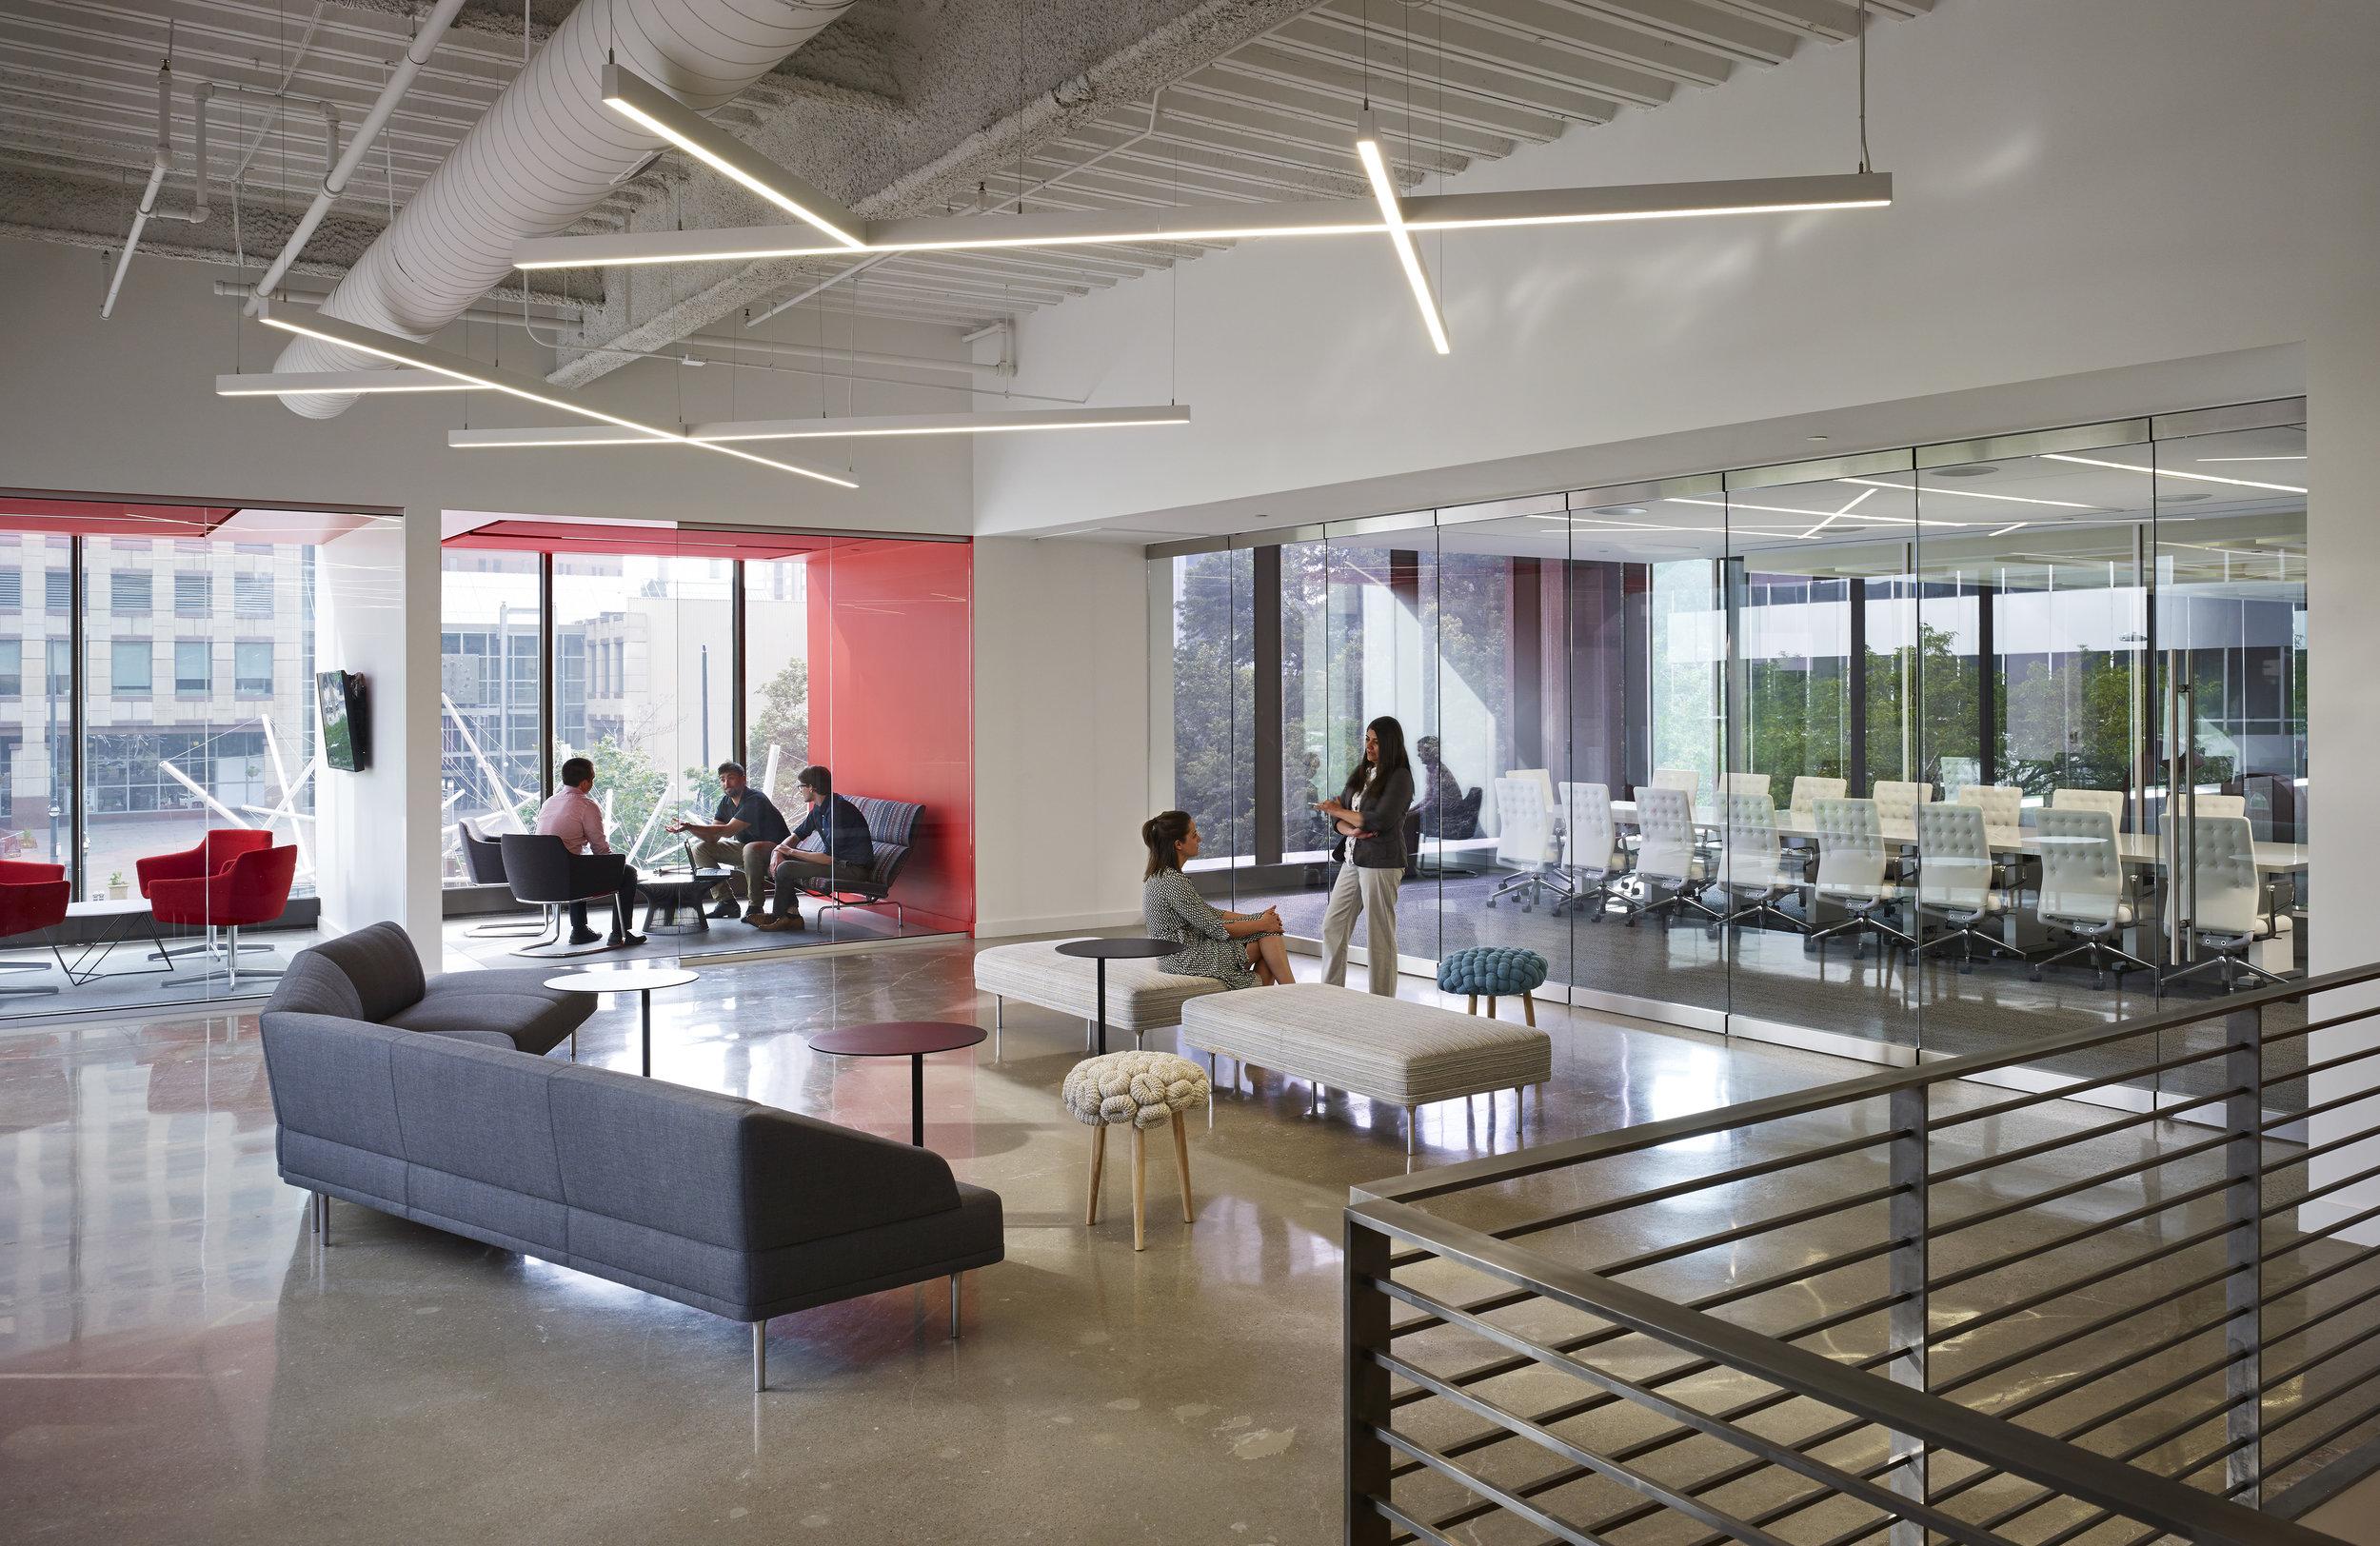 Award of Merit - Gensler Denver Office Tenant ImprovementJay Wratten - WSP